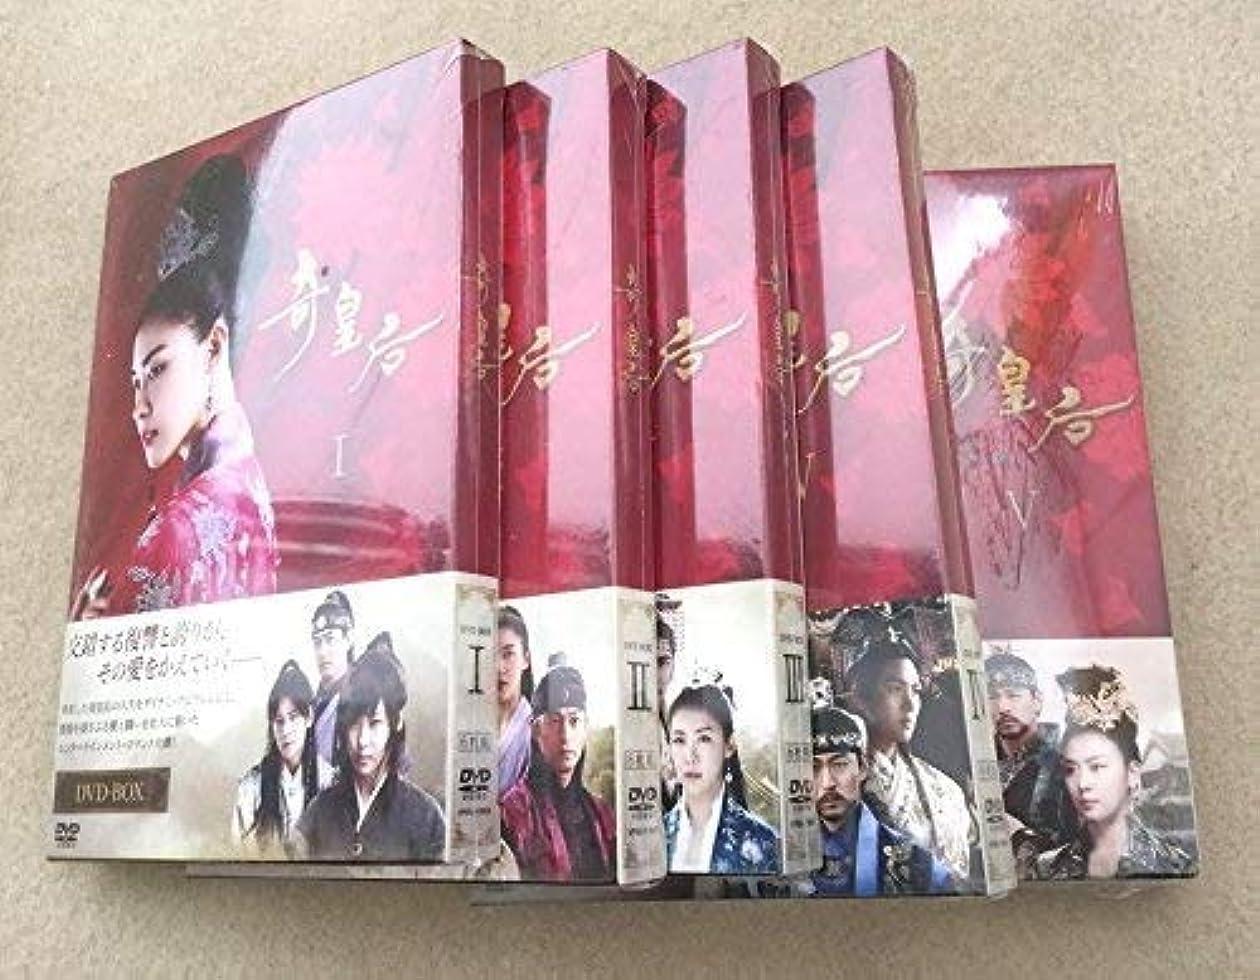 最悪タンザニアかすかな奇皇后 ―ふたつの愛 涙の誓い― DVD BOX I+II+III+IV+V 31枚組 日本語, 韓国語/日本語字幕